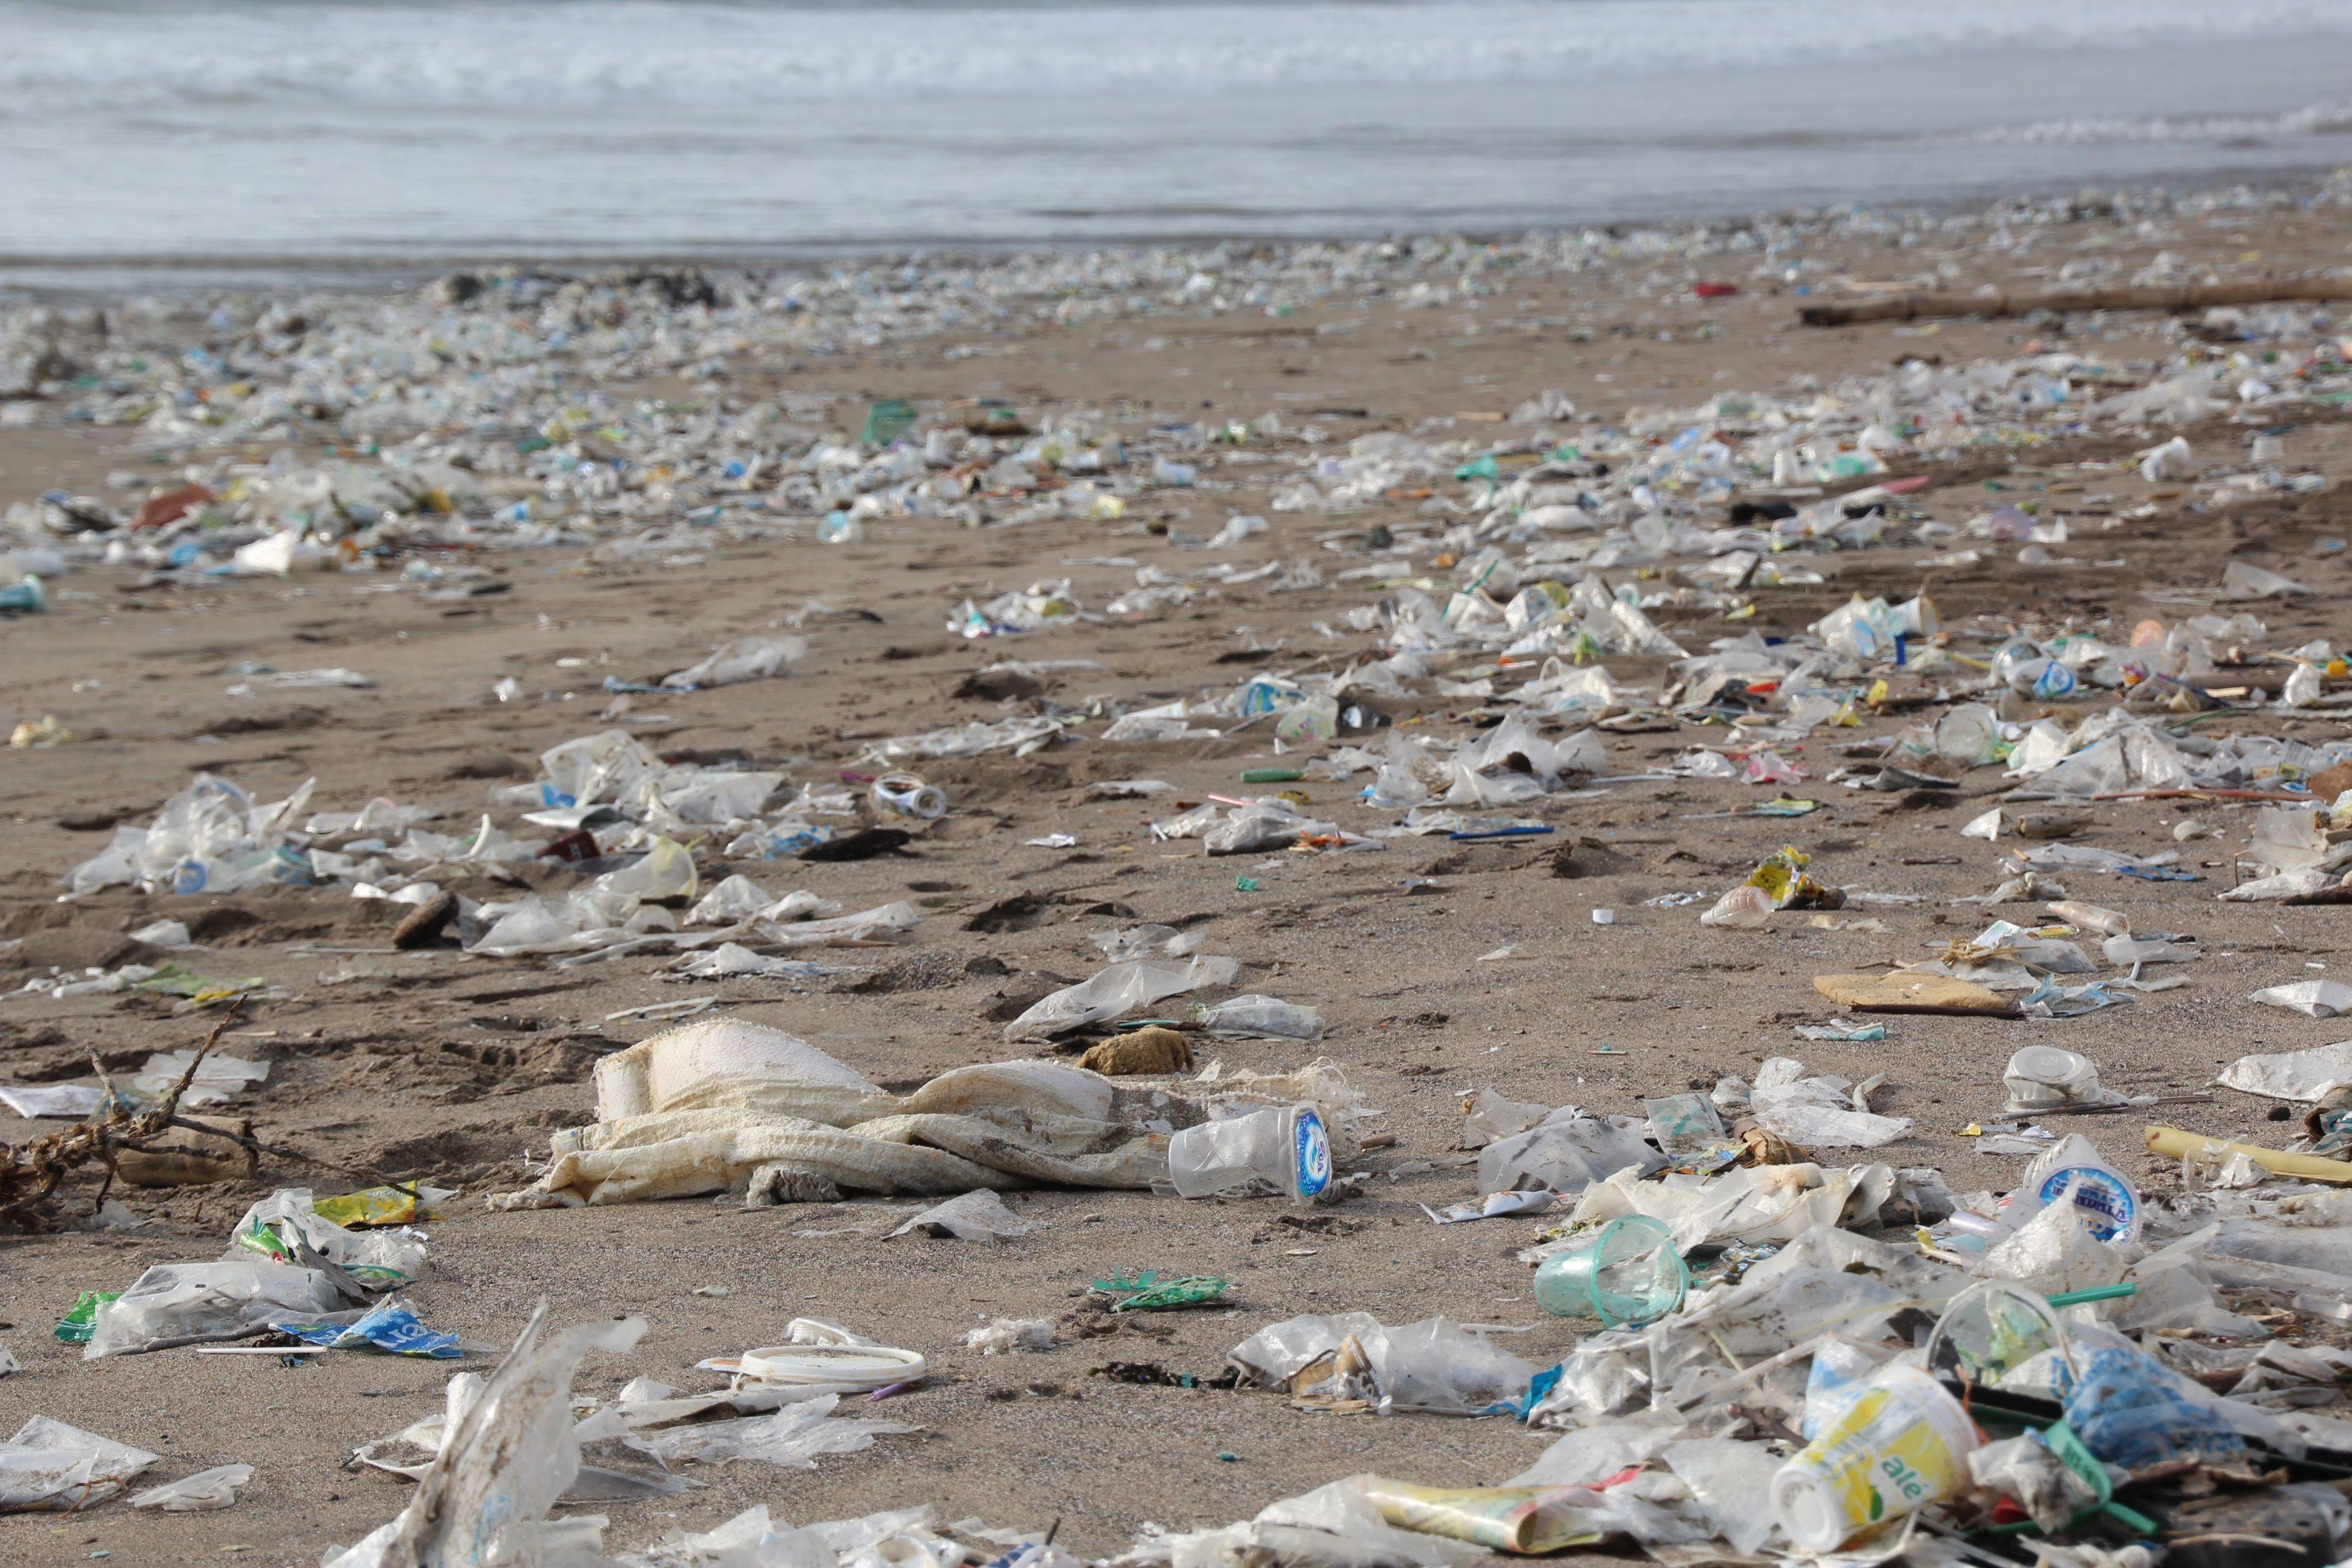 Le Concours Mondial Pour Les Innovations Visant A Lutter Contre La Pollution Plastique Marine Est De Pollution Pollution Plastique Protection Environnement